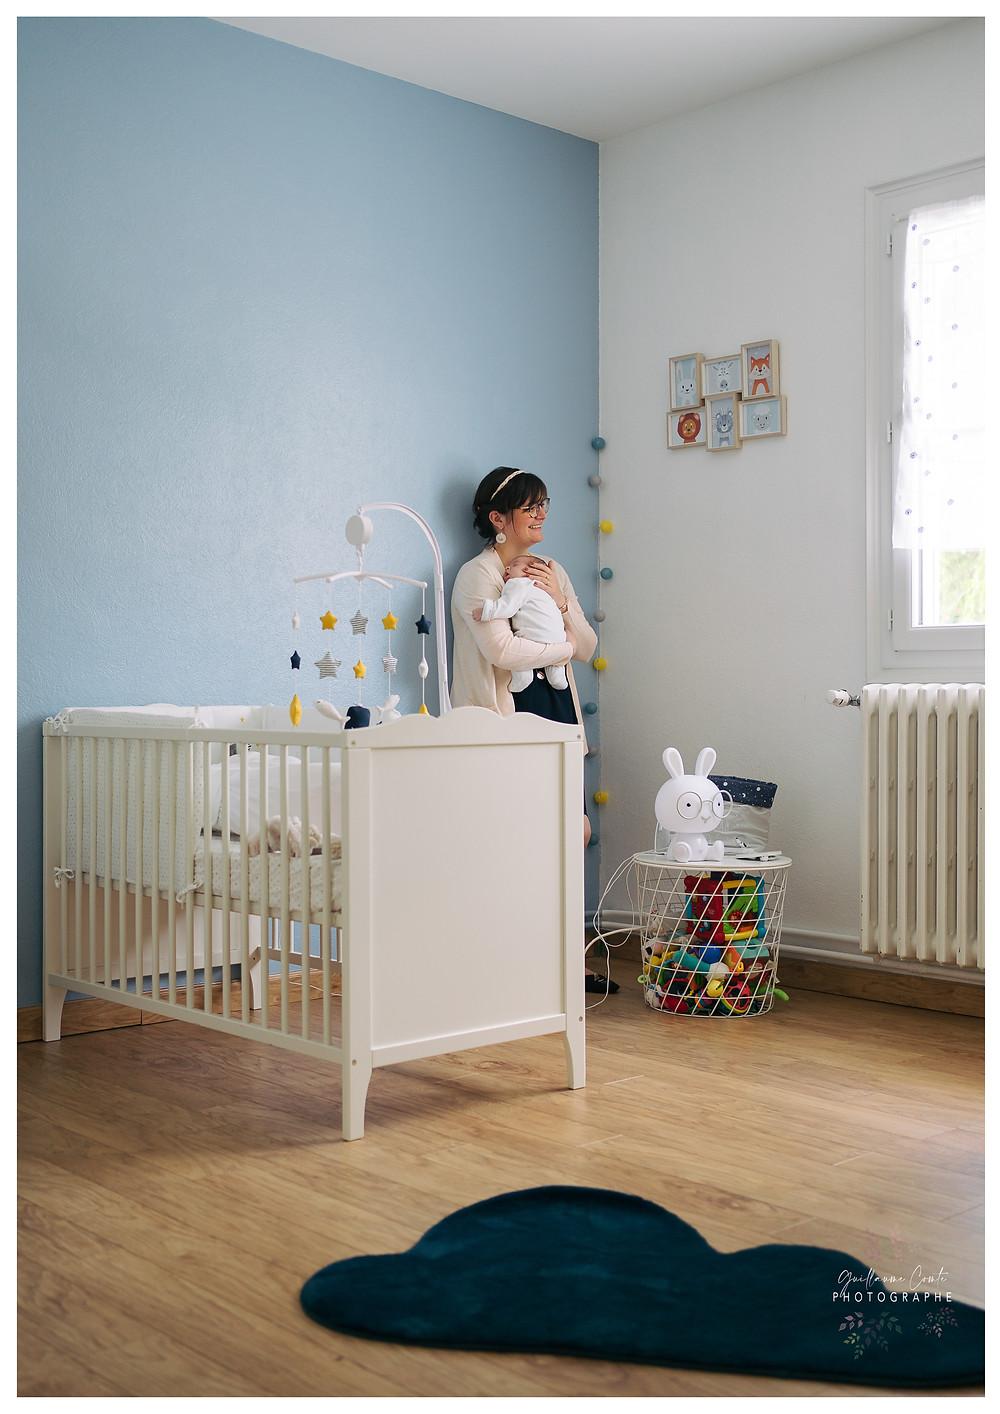 Photographe Maternité Naissance Bébé Limoges Limousin Guillaume  Domicile